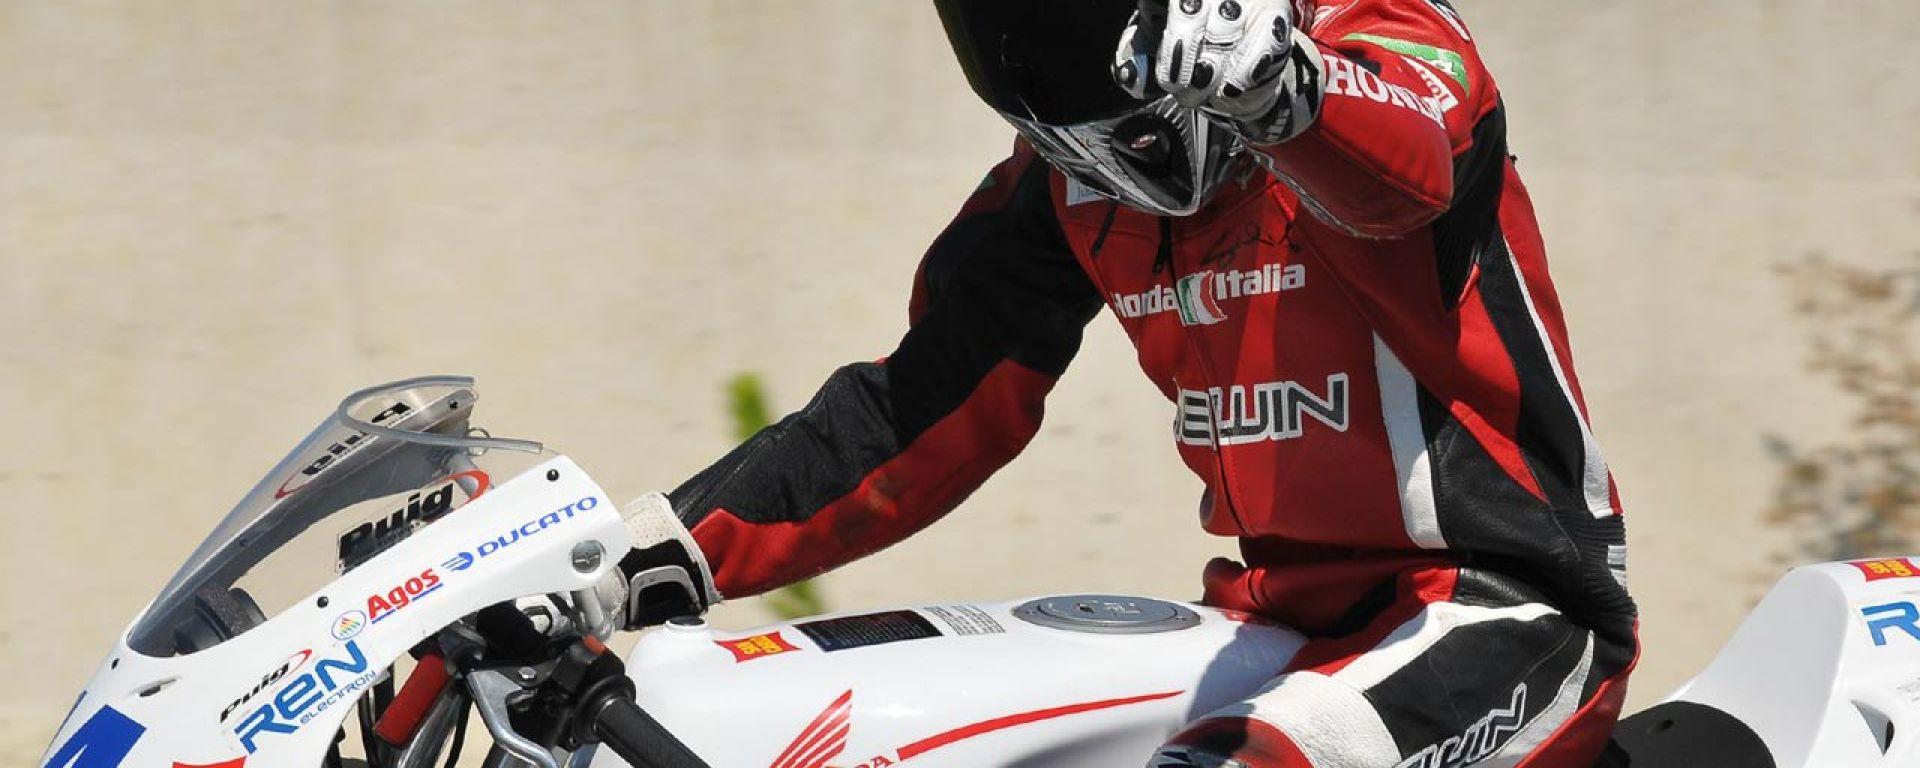 Trofei Honda 2013